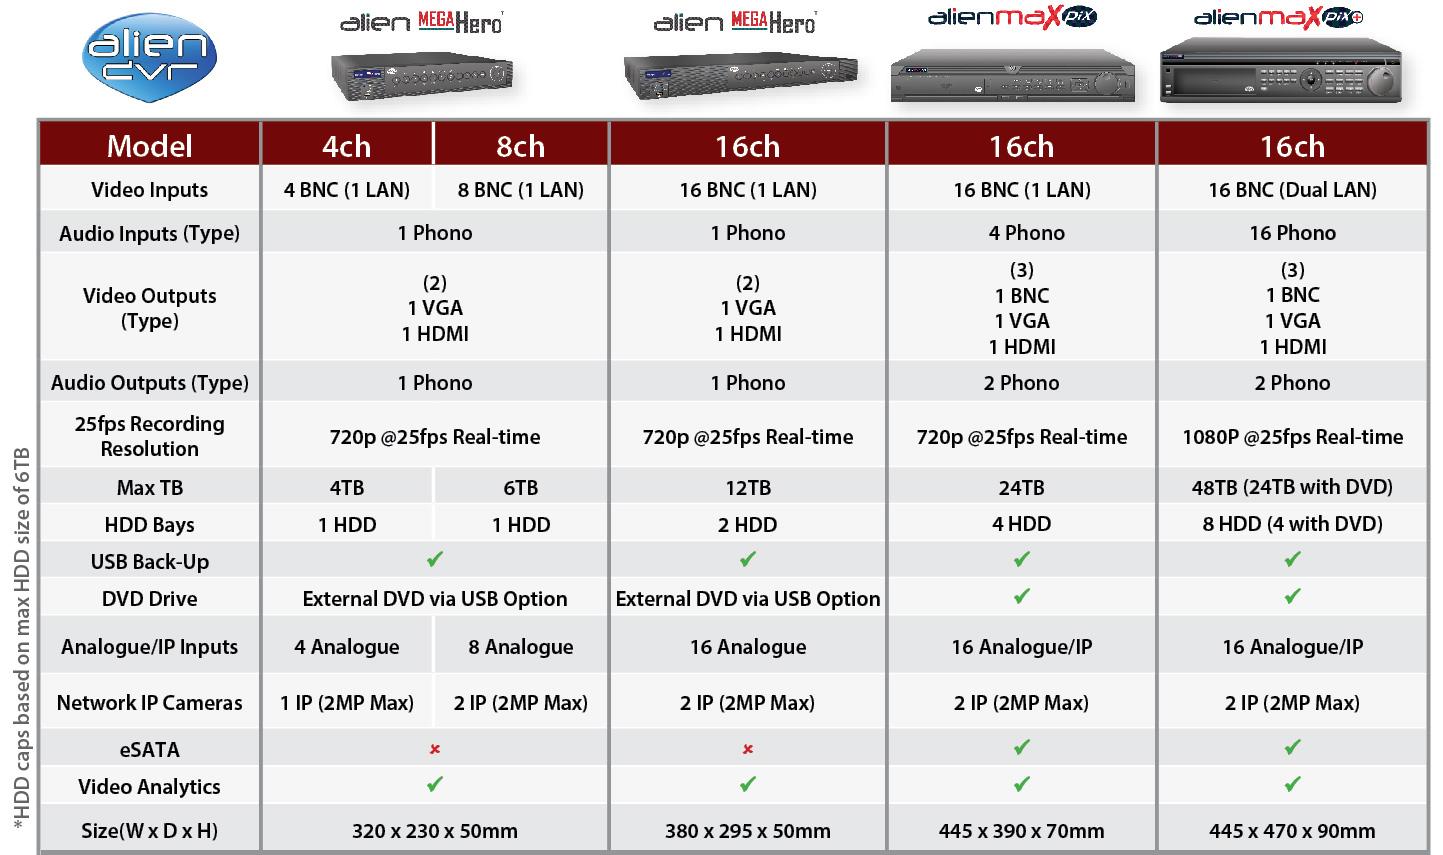 DVR Comparison Chart